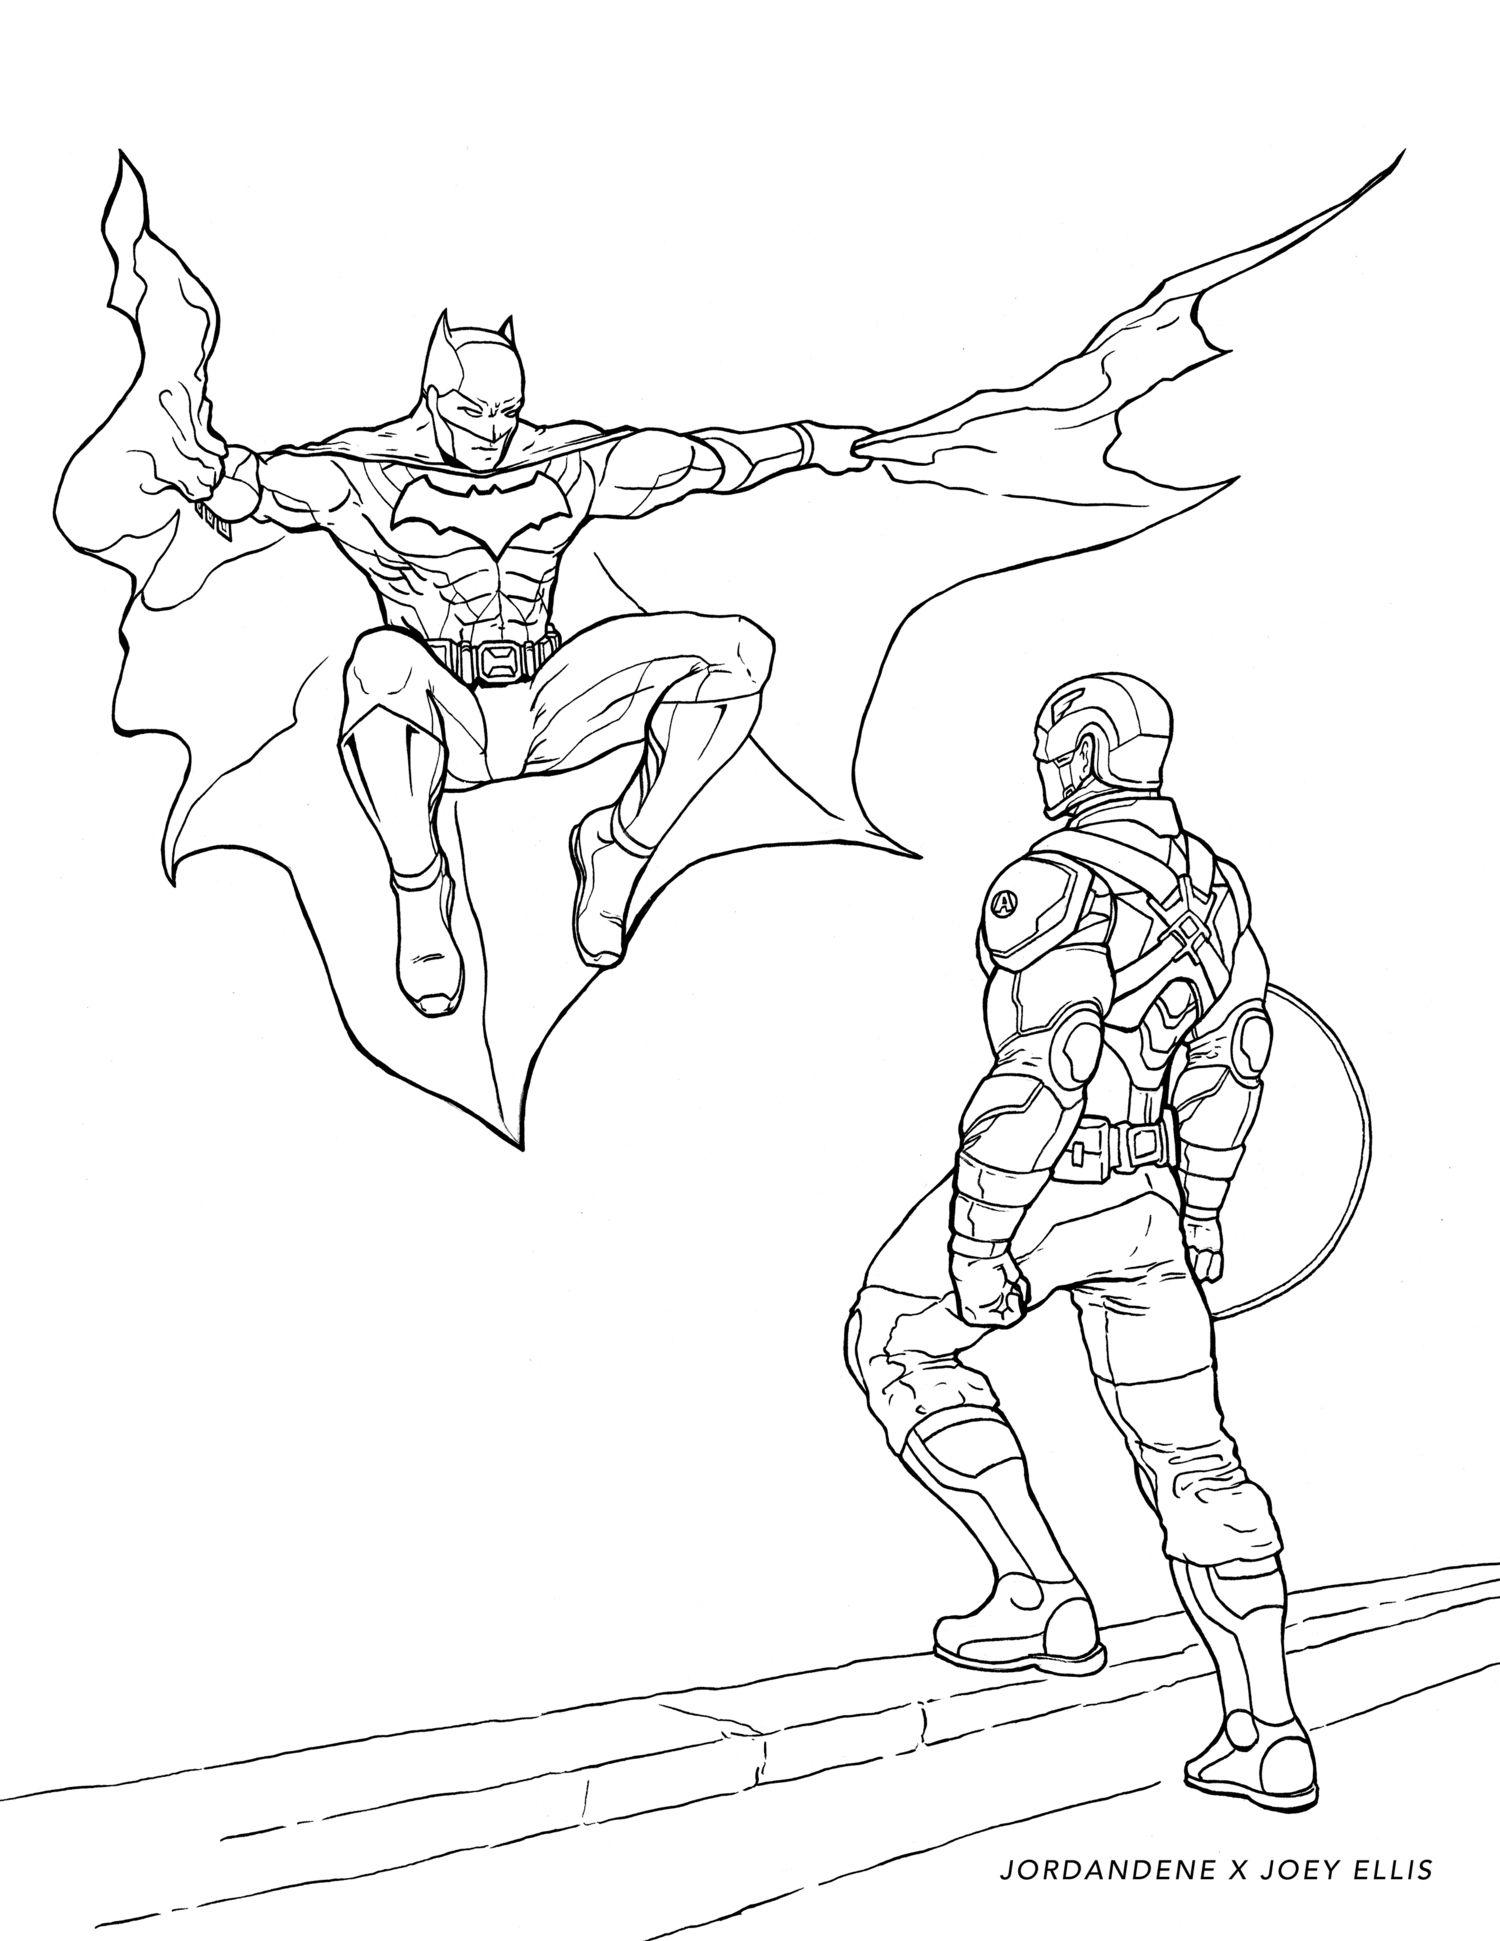 Printable Coloring Page | Superhelden und Ausmalbilder